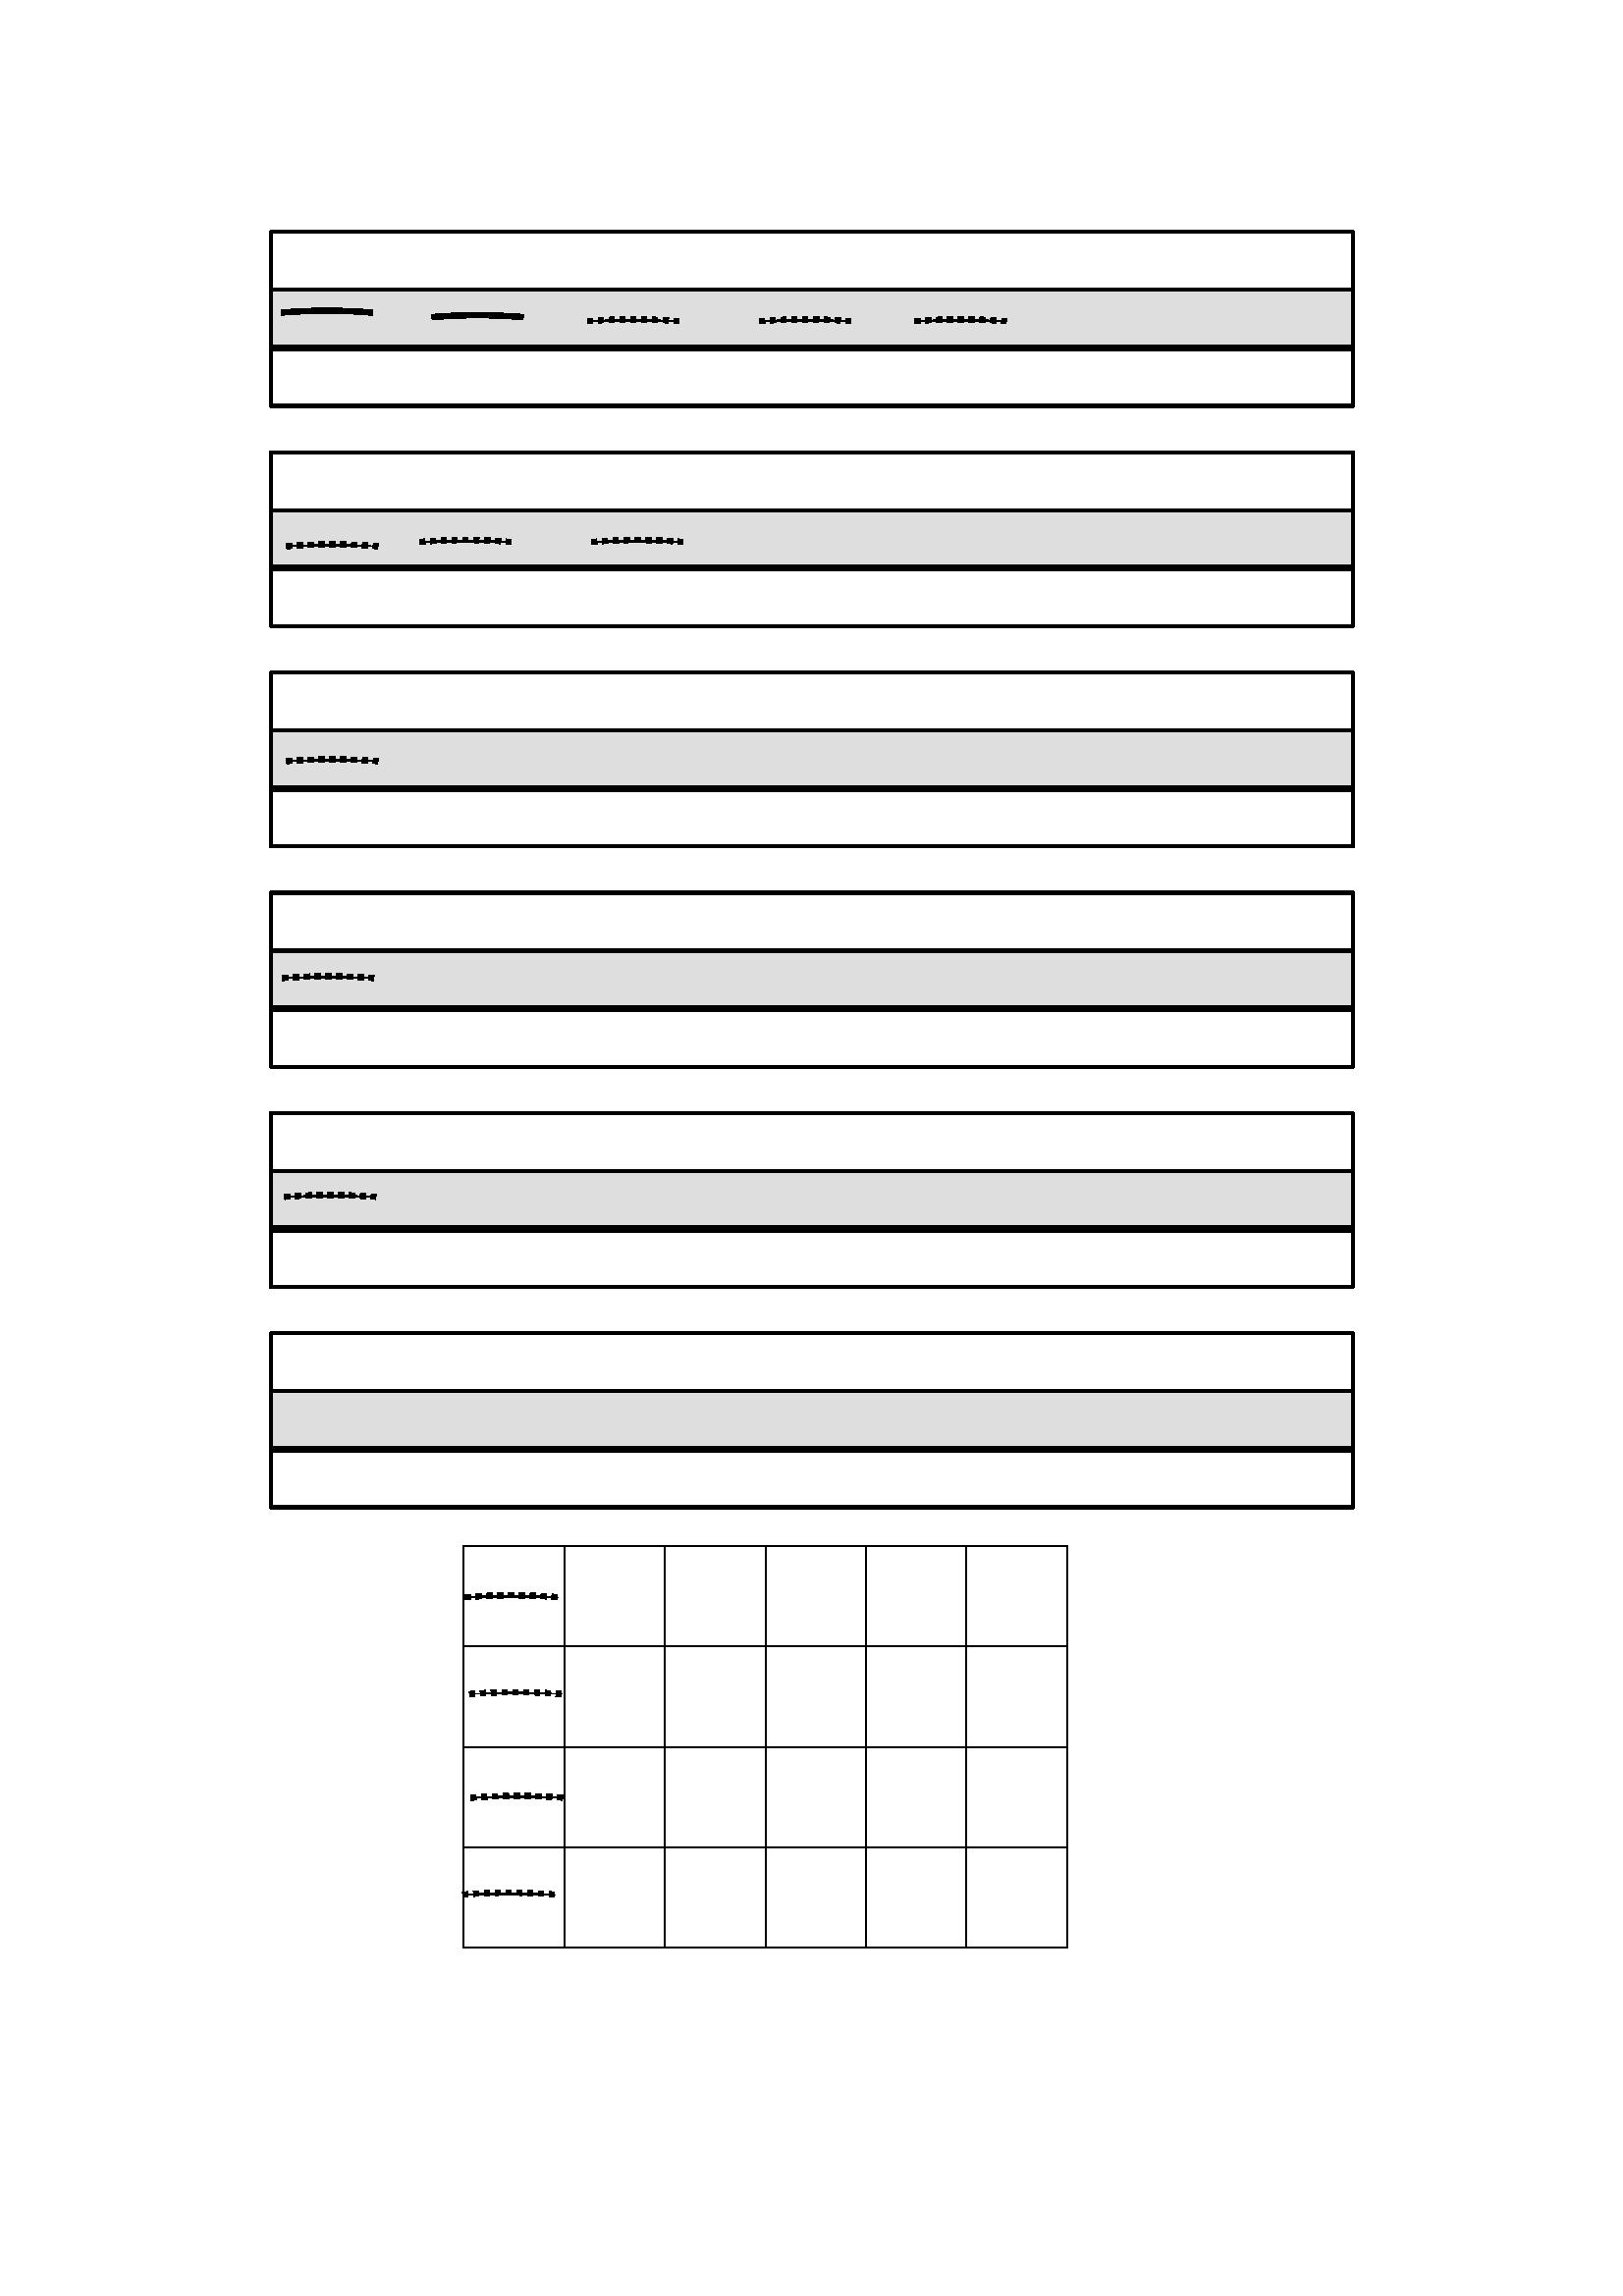 Προγραφικές ασκήσεις-Γραμμή στη μέση